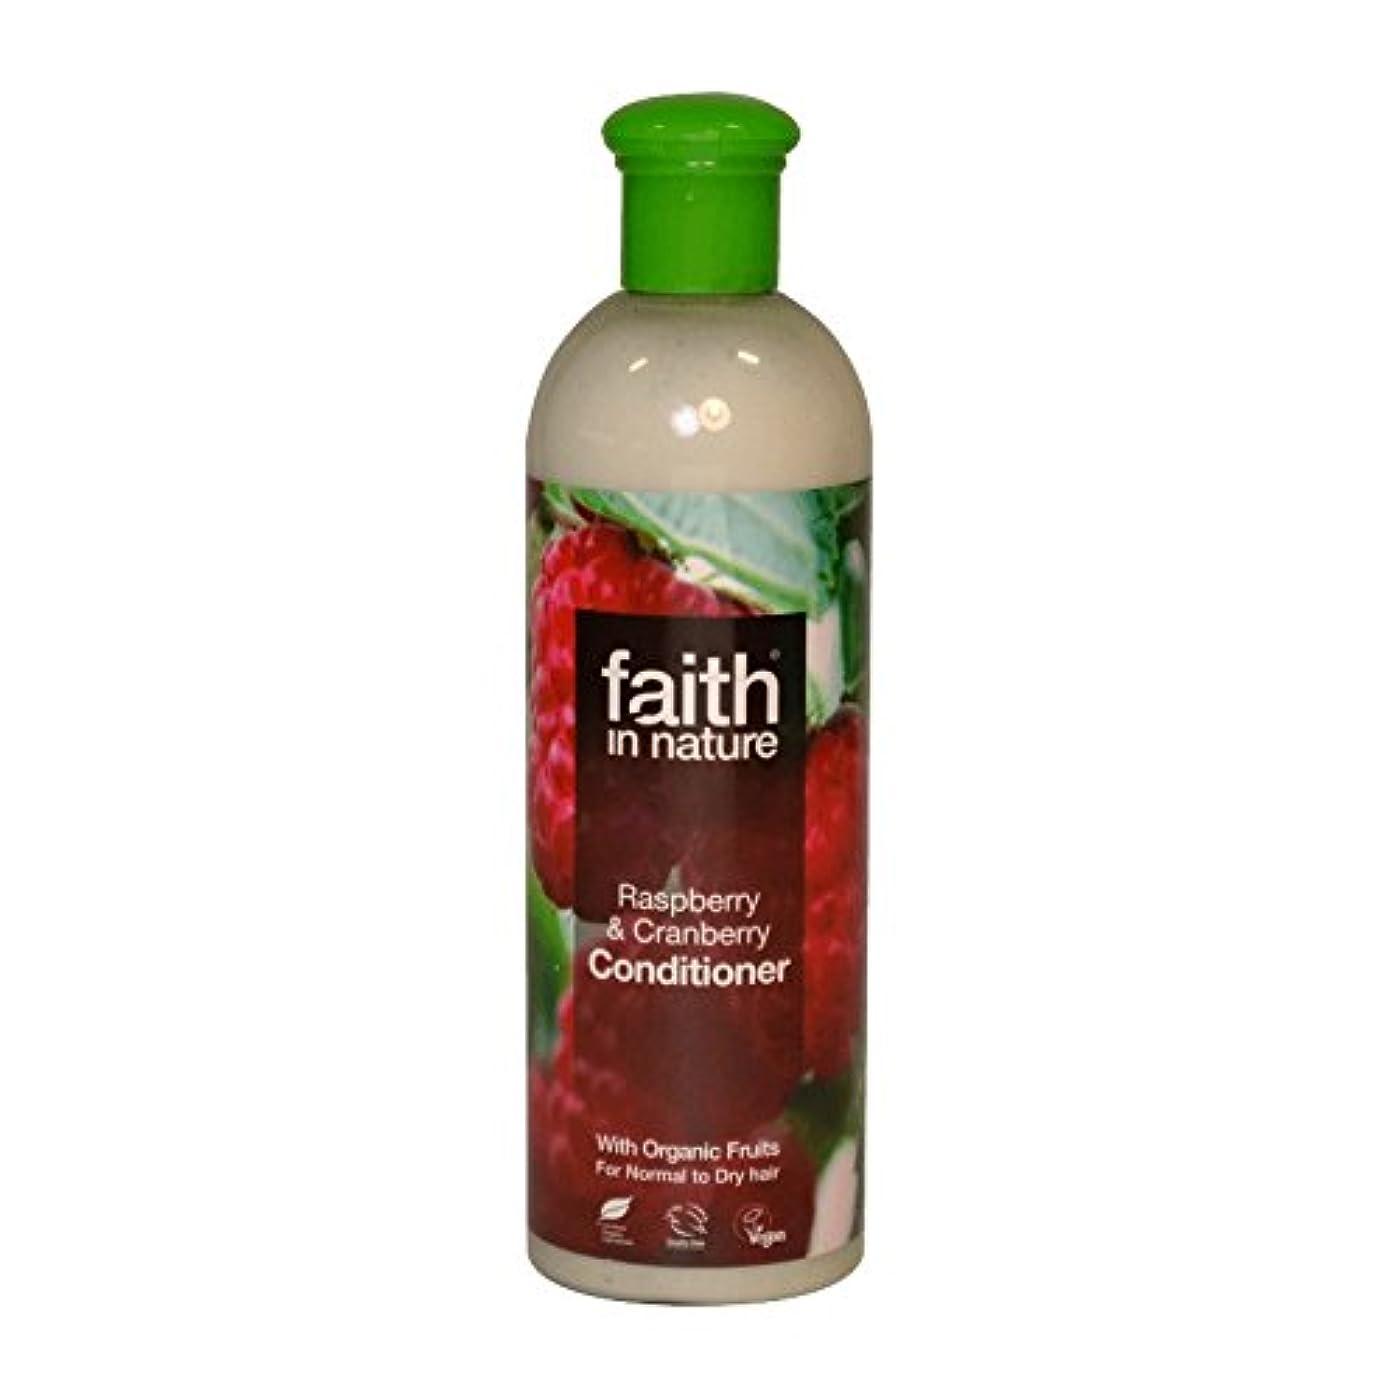 専門化するを通して血まみれ自然ラズベリー&クランベリーコンディショナー400ミリリットルの信仰 - Faith in Nature Raspberry & Cranberry Conditioner 400ml (Faith in Nature)...